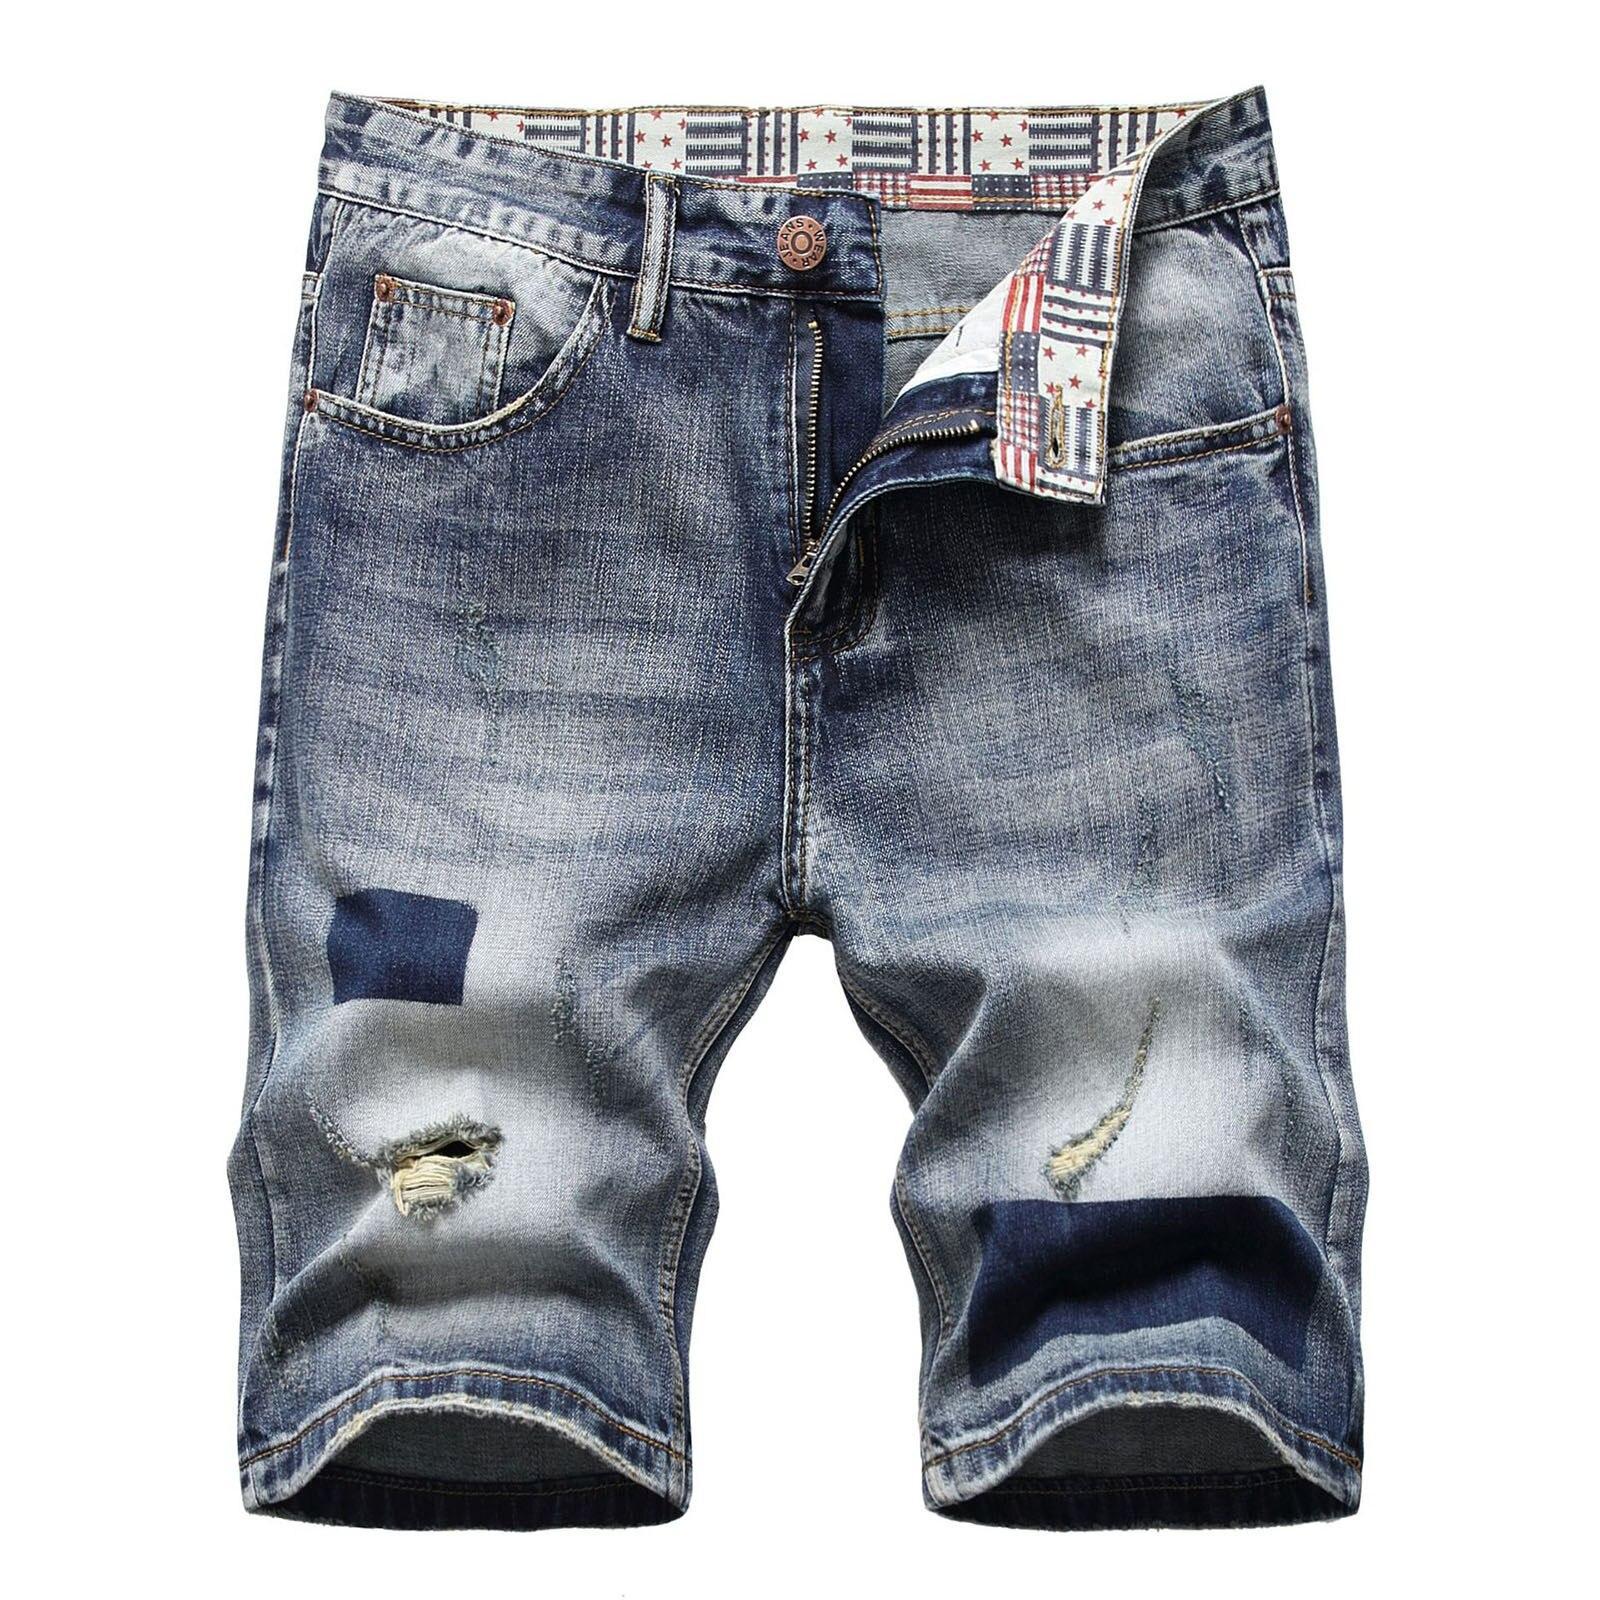 Джинсовые шорты мужские стрейчевые, классические рваные джинсовые брюки до колен, Хлопковые Штаны, ностальгическая уличная одежда, A5, лето